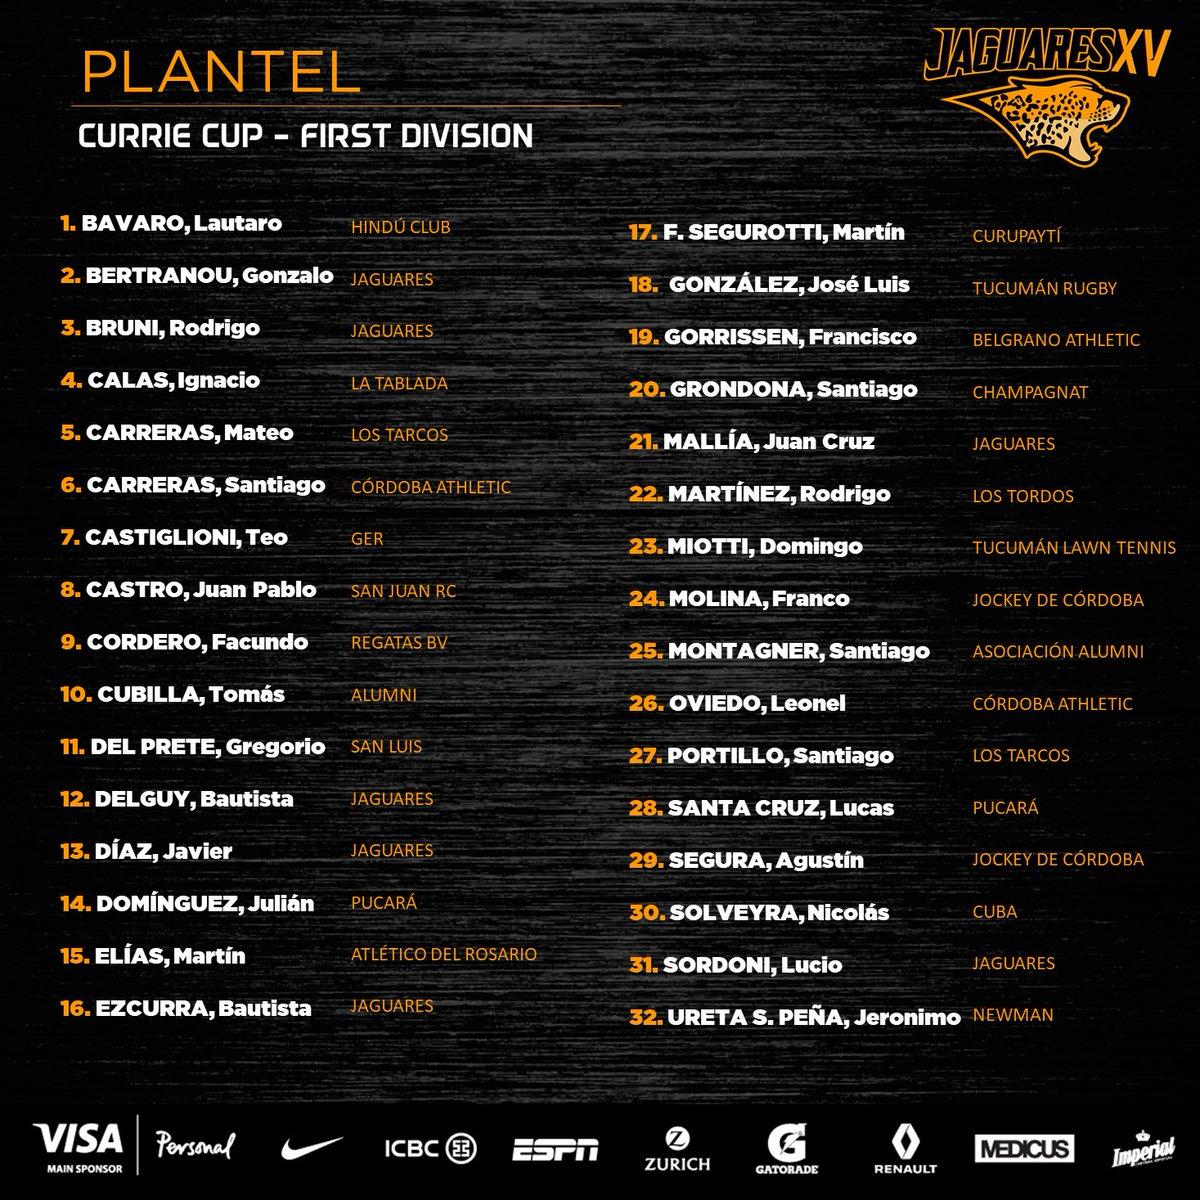 Plantel de Jaguares XV para la First Division - Currie Cup